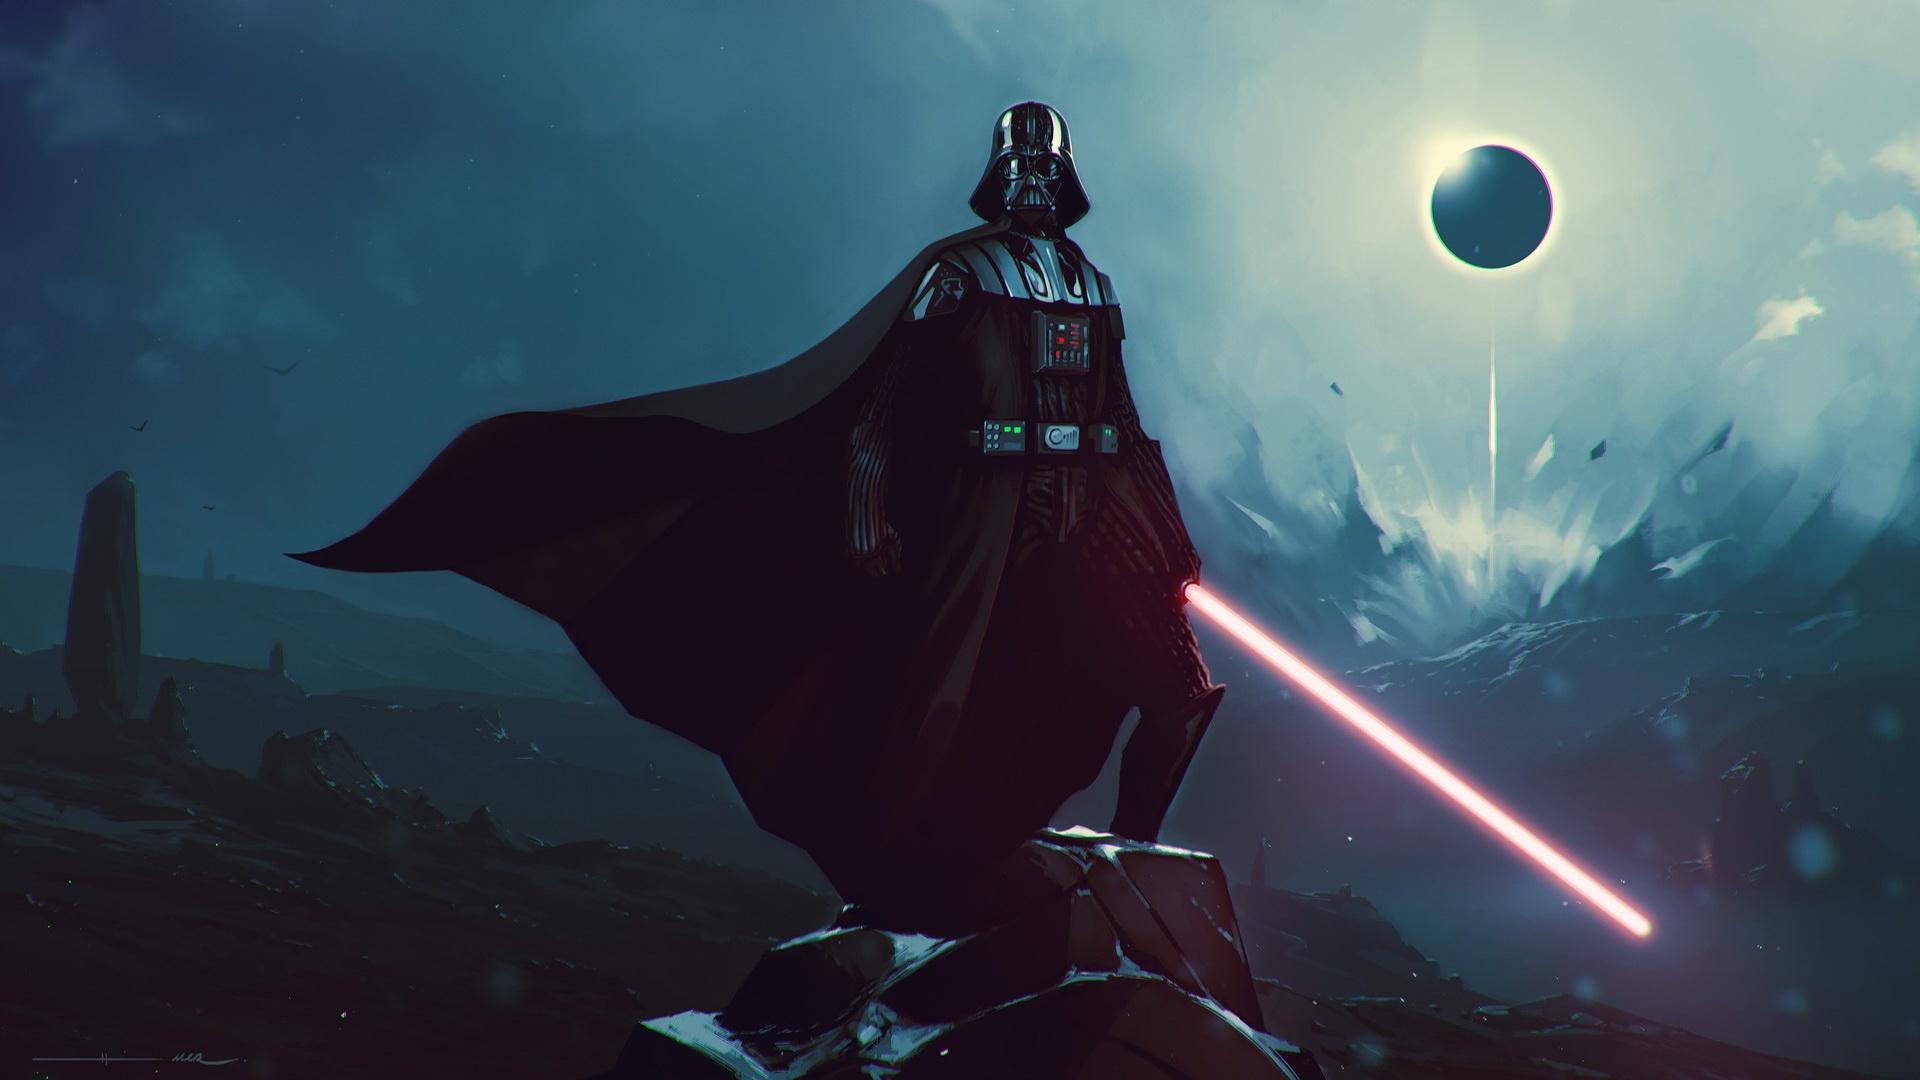 Star Wars desktop background